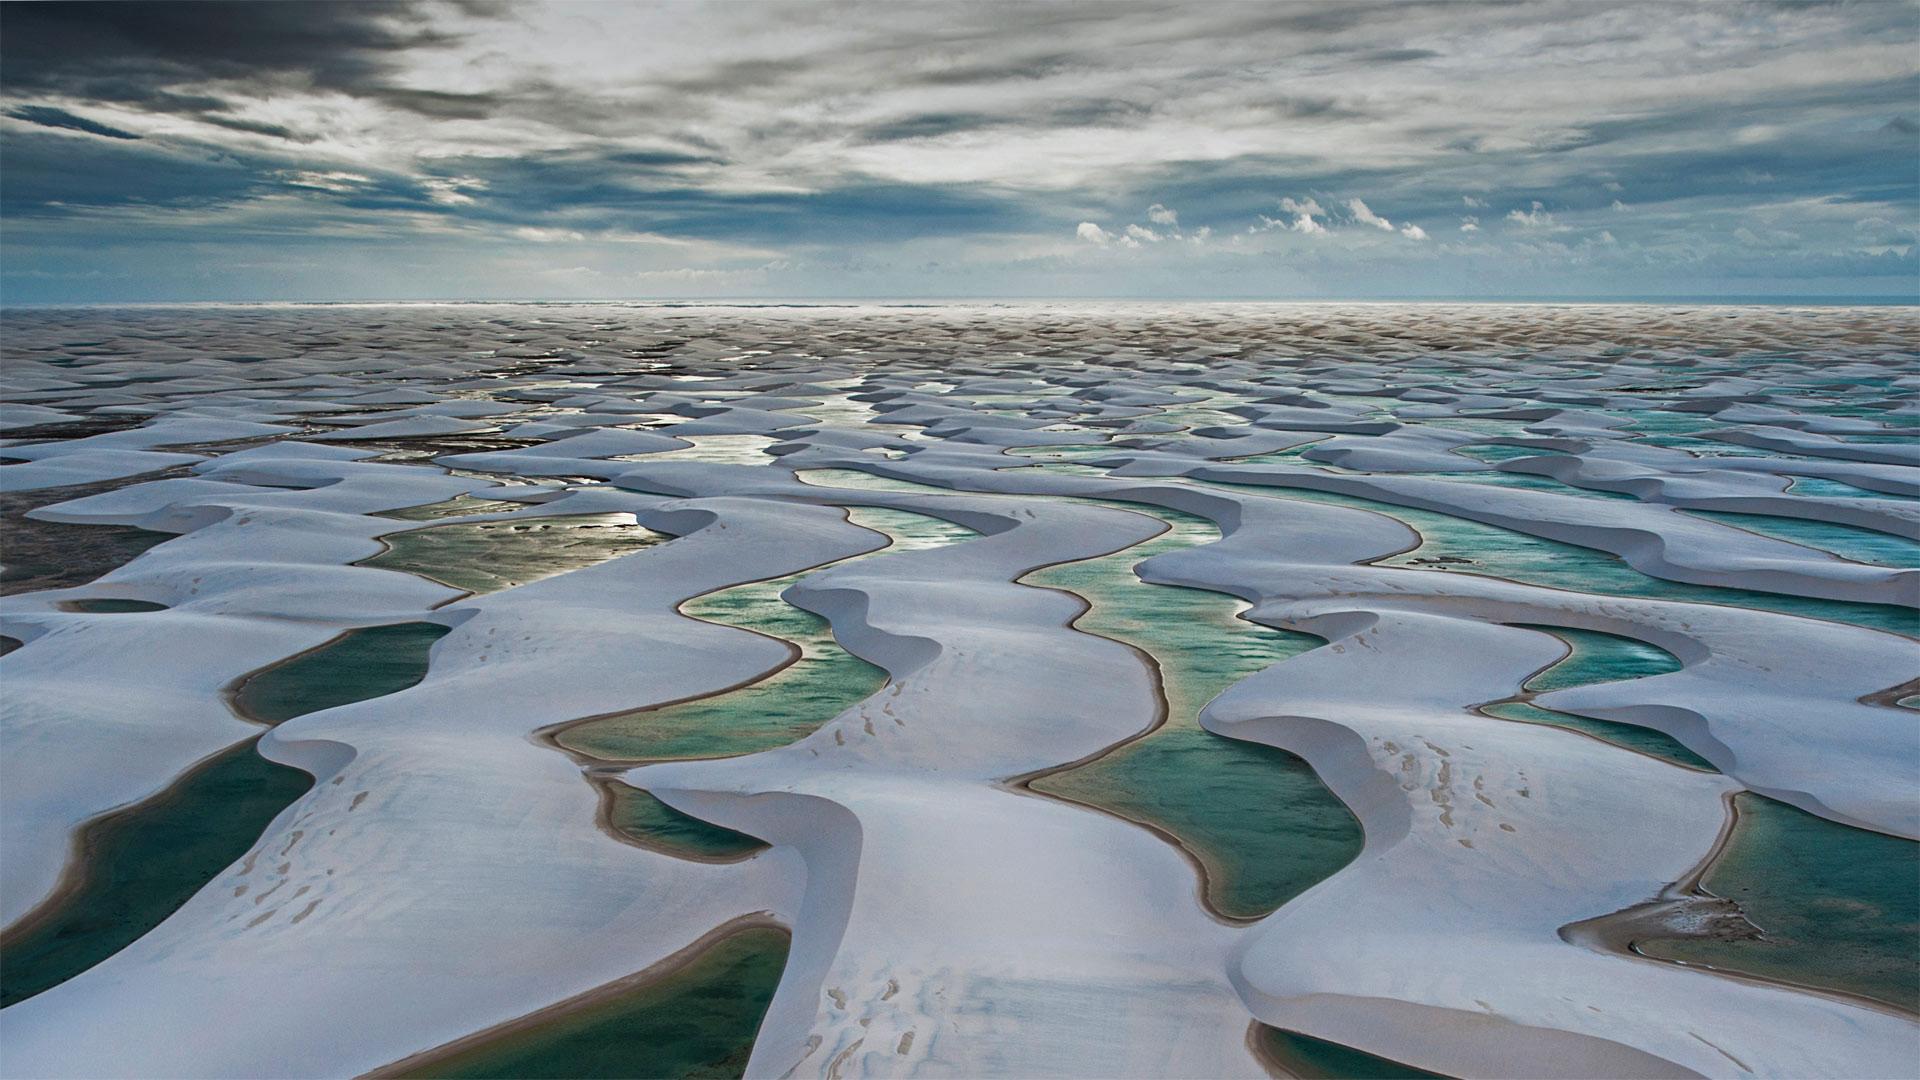 伦索伊斯马拉年塞斯国家公园,巴西巴雷里尼亚斯市 (© WIN-Initiative/Getty Images)